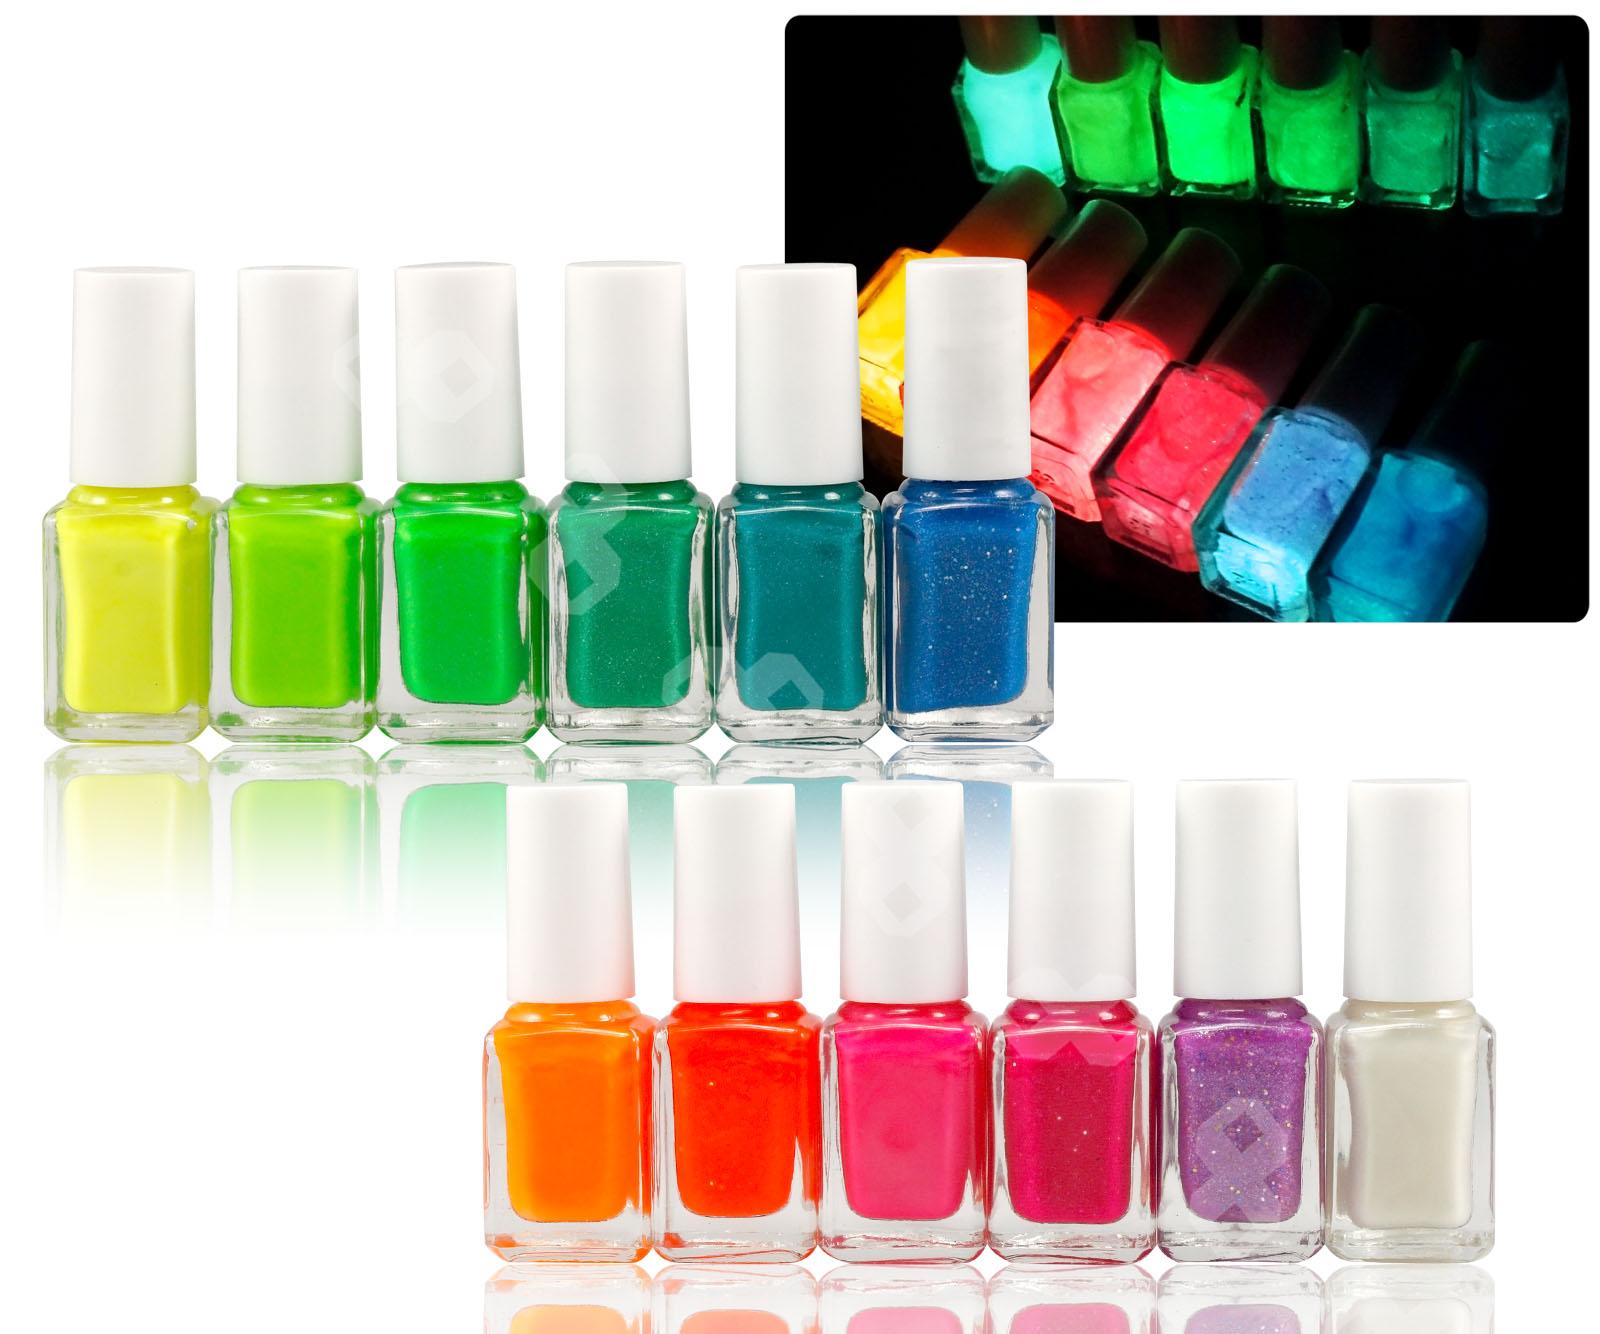 Fluorescent Neon Nail Polish: 12 Colors 7ml Fluorescent Neon Nail Art Polish Glow In